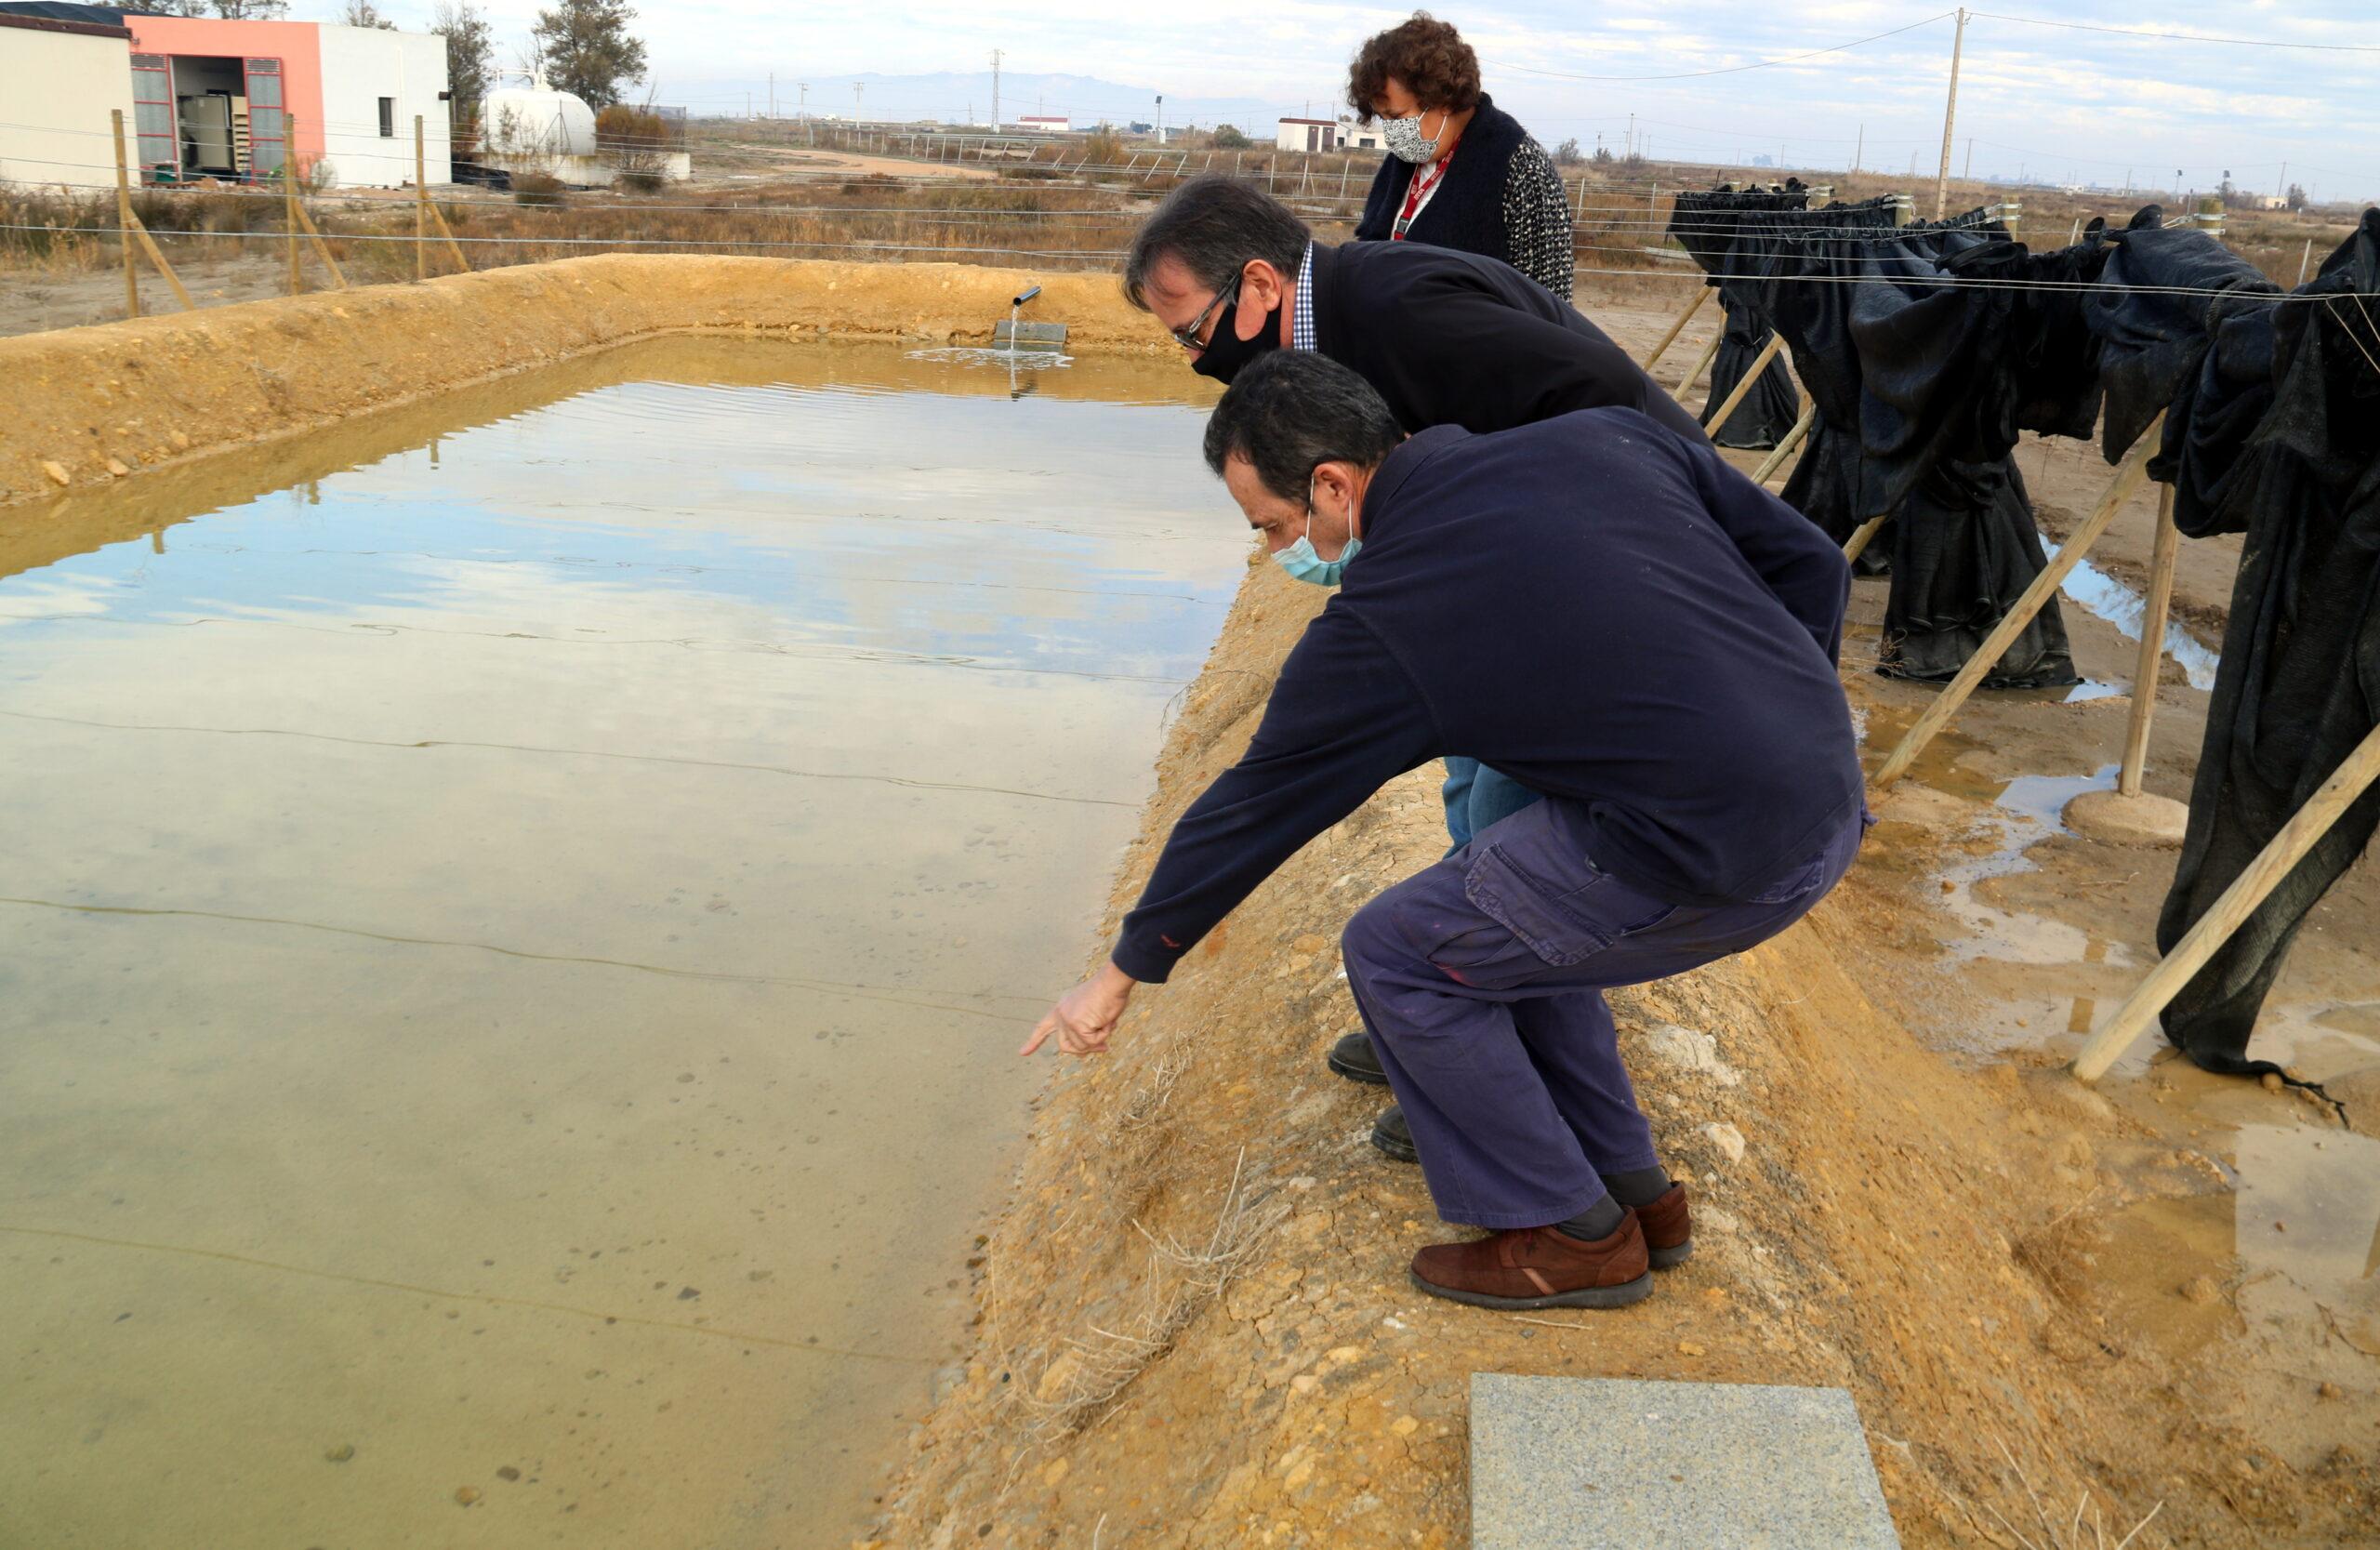 El gerent de FEPROMODEL, Gerardo Bonet, visitant el camp experimental de cultiu de cloïsses de l'IRTA amb dos investigadors del projecte Fitogel | ACN